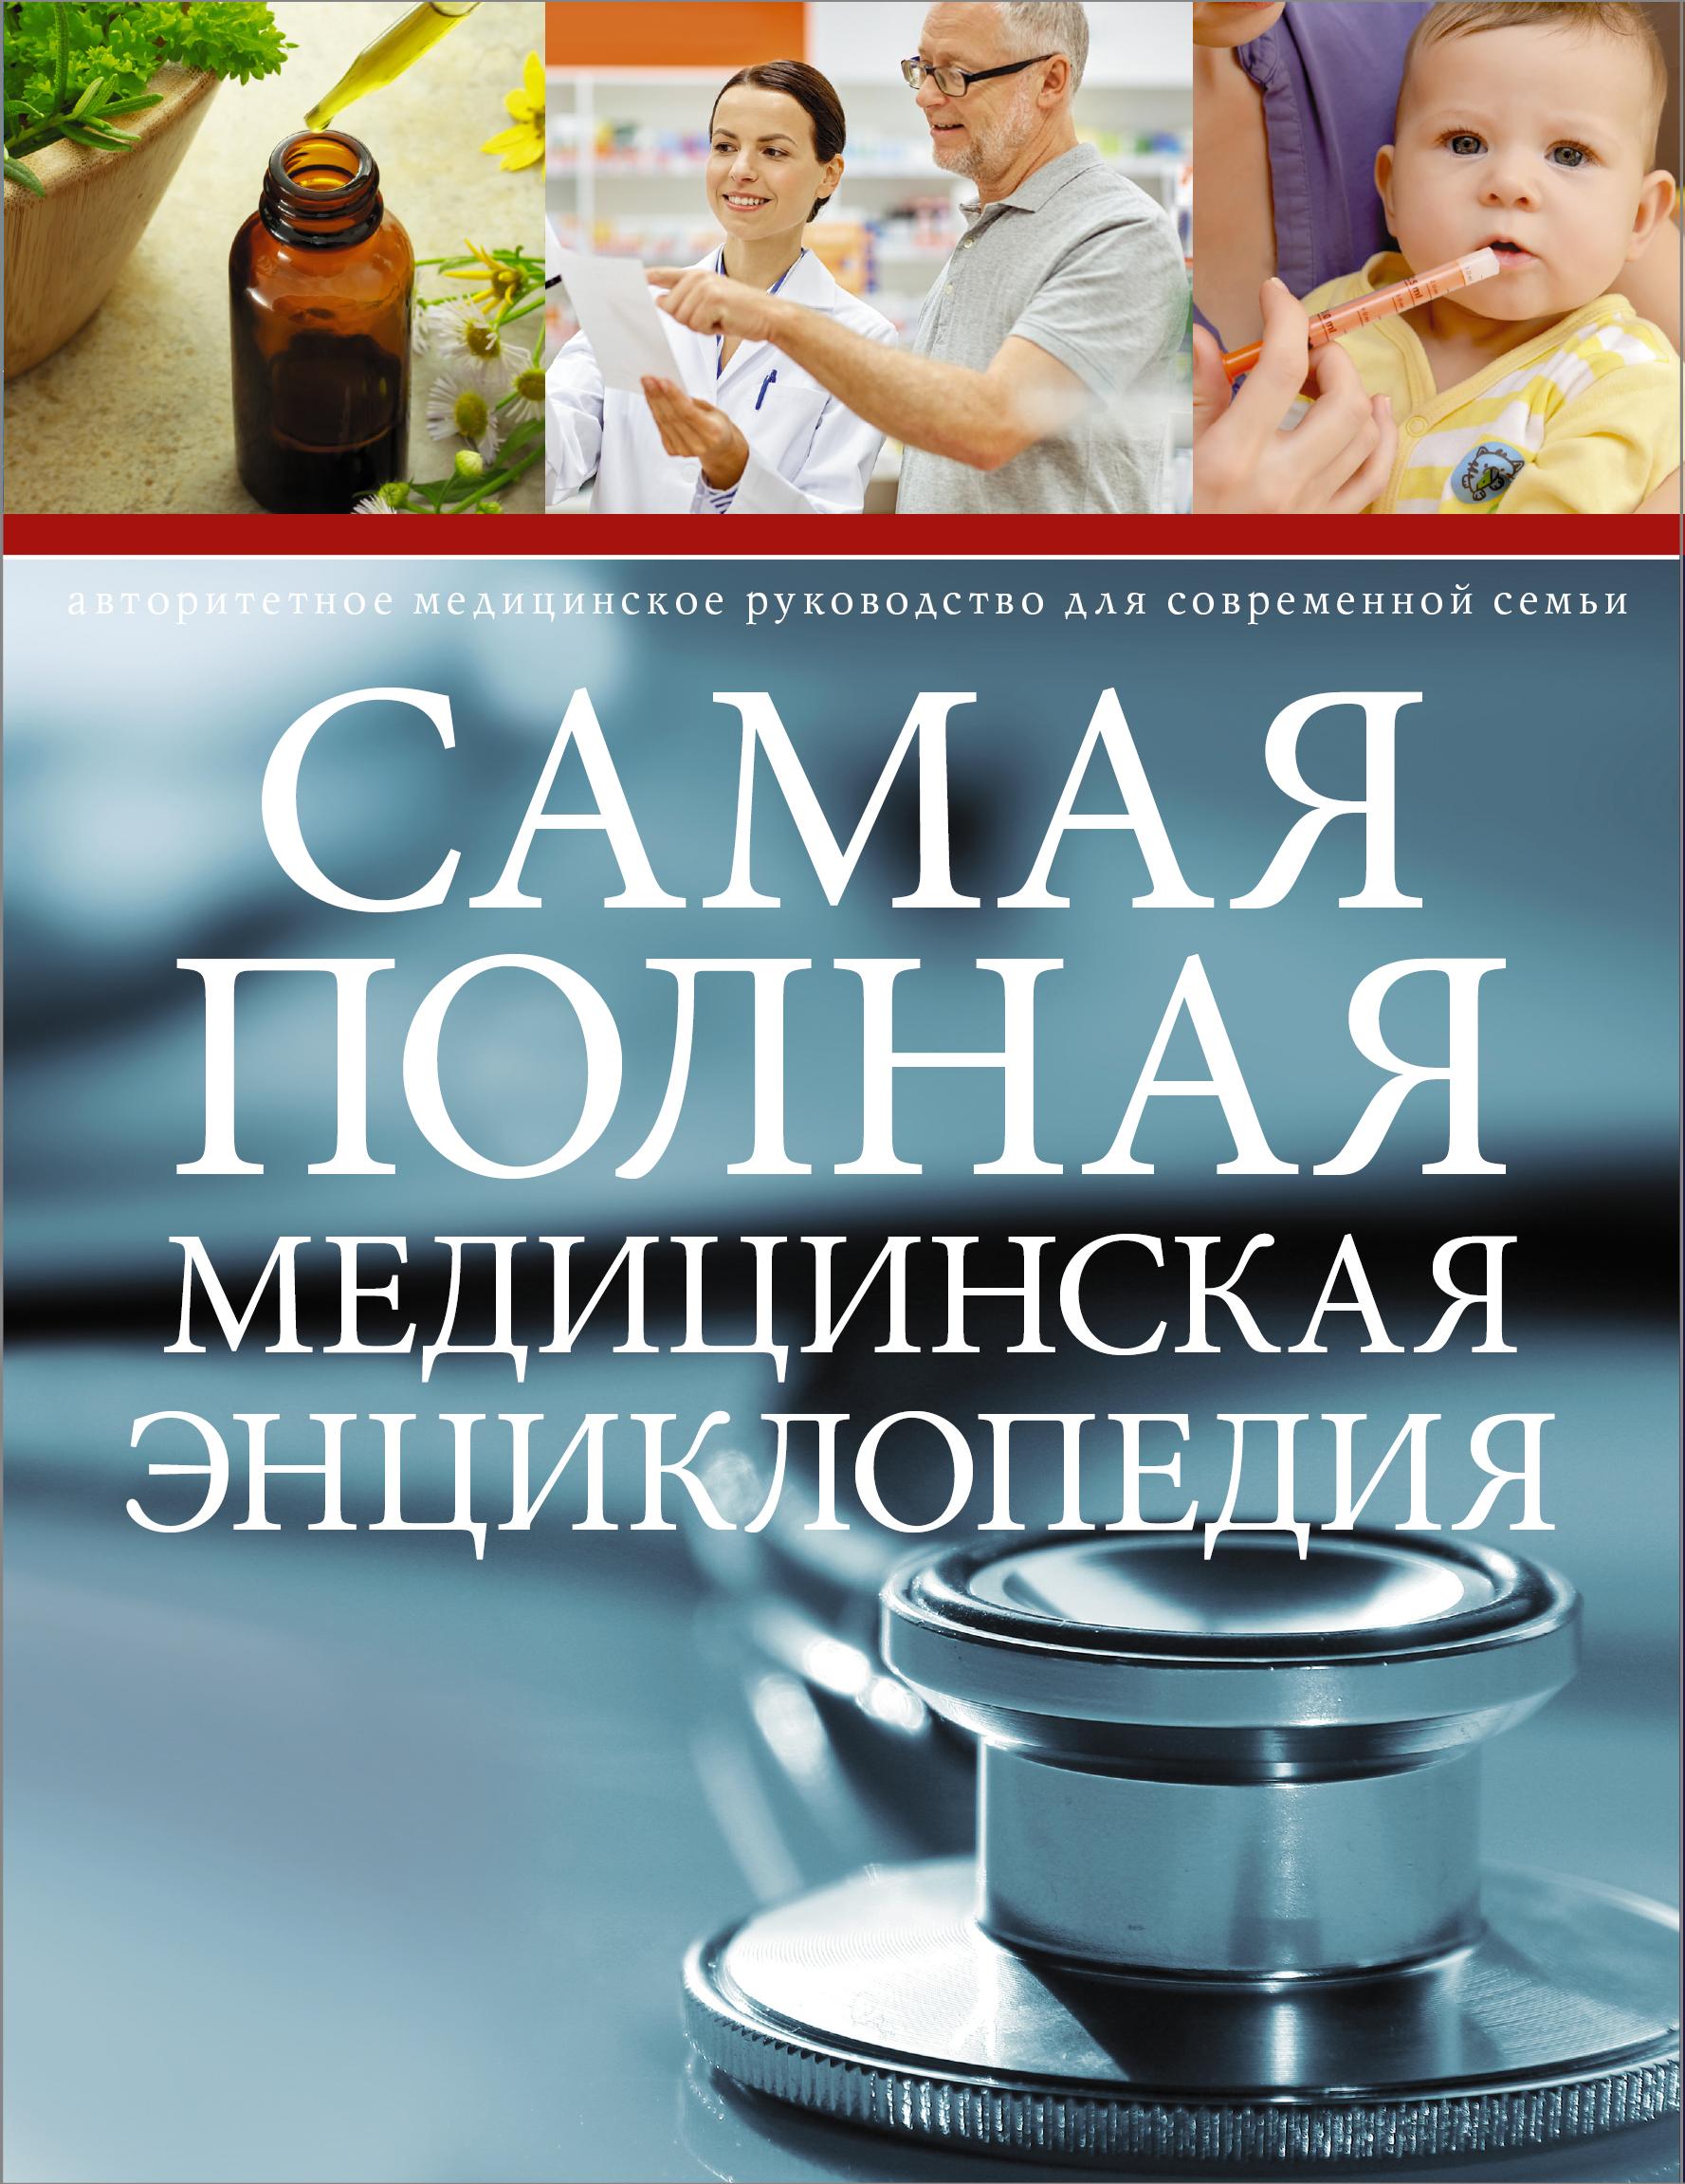 медицинские книги интернет магазин читать